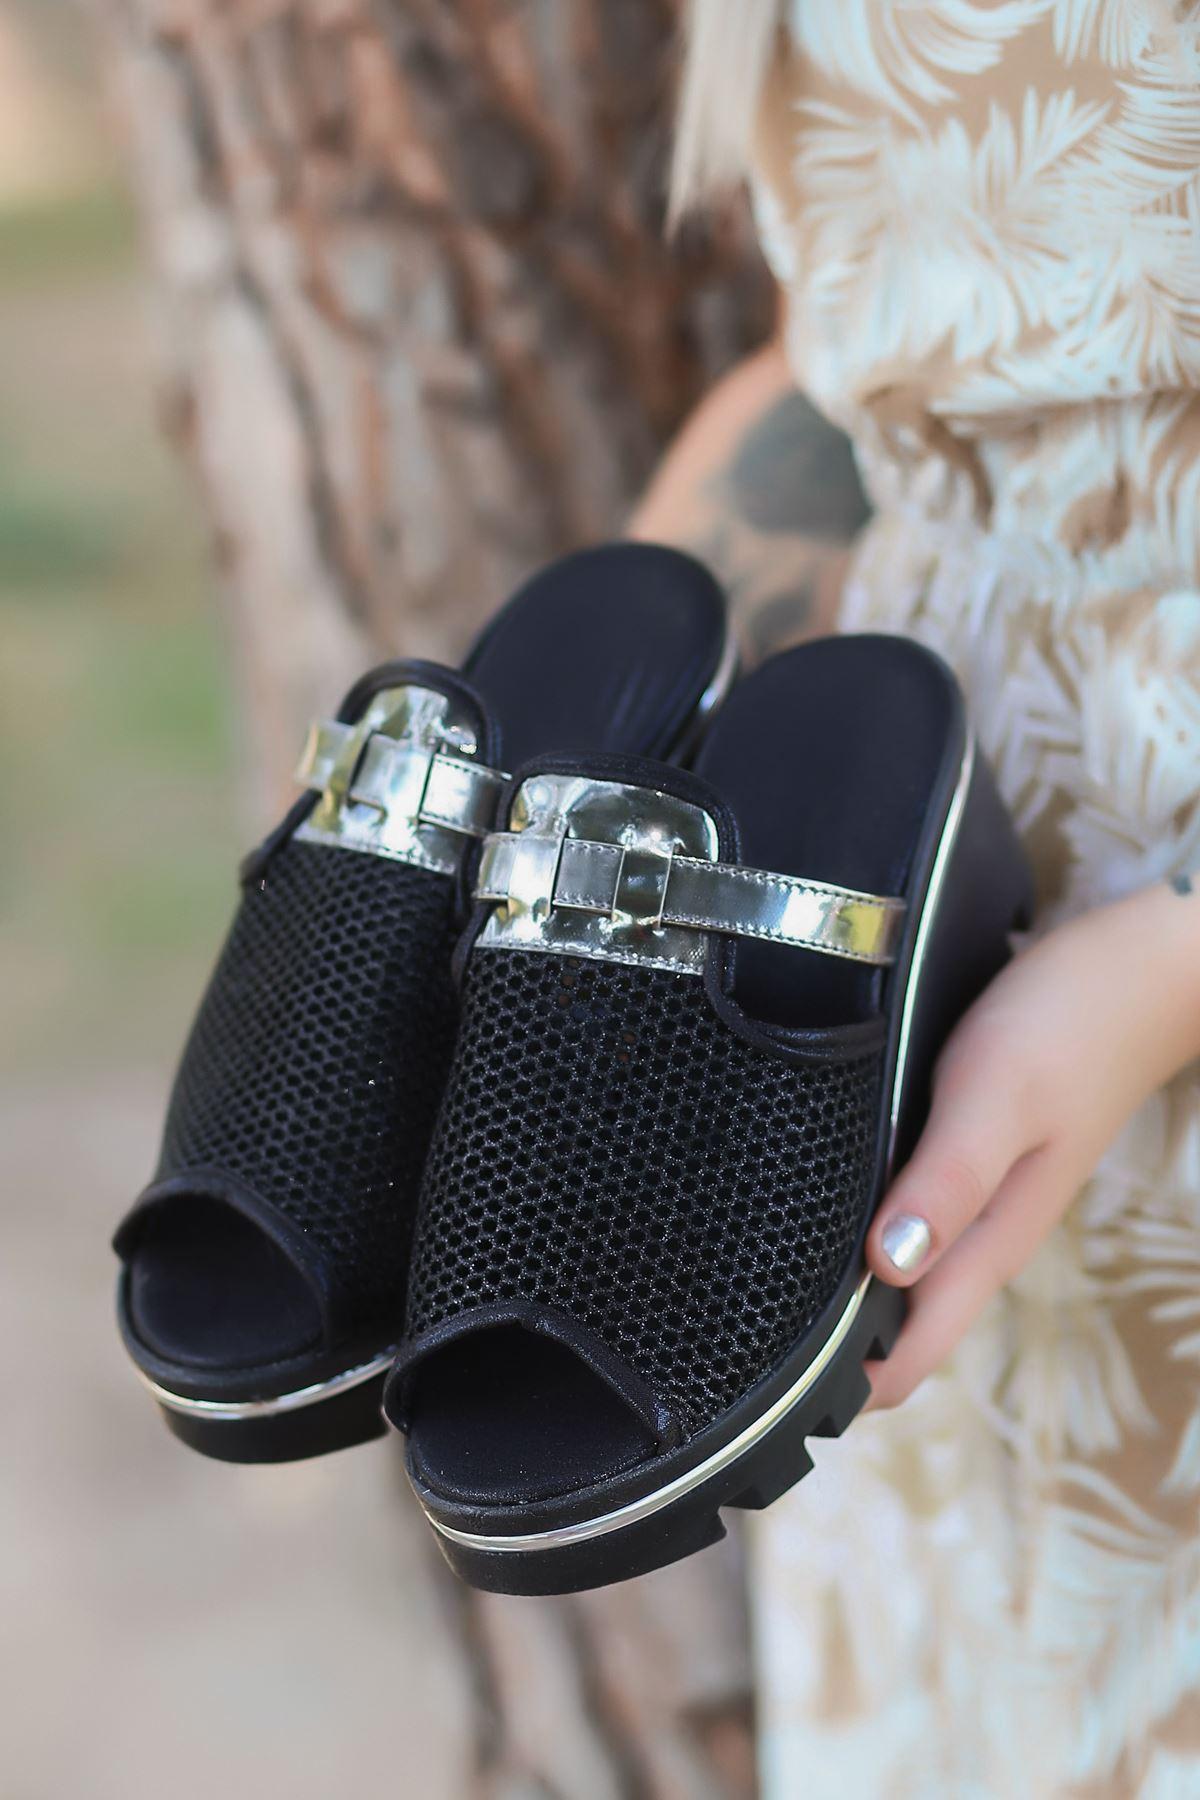 Jenny Mat Deri File Detay Dolgu Topuk Kadın Terlik Siyah